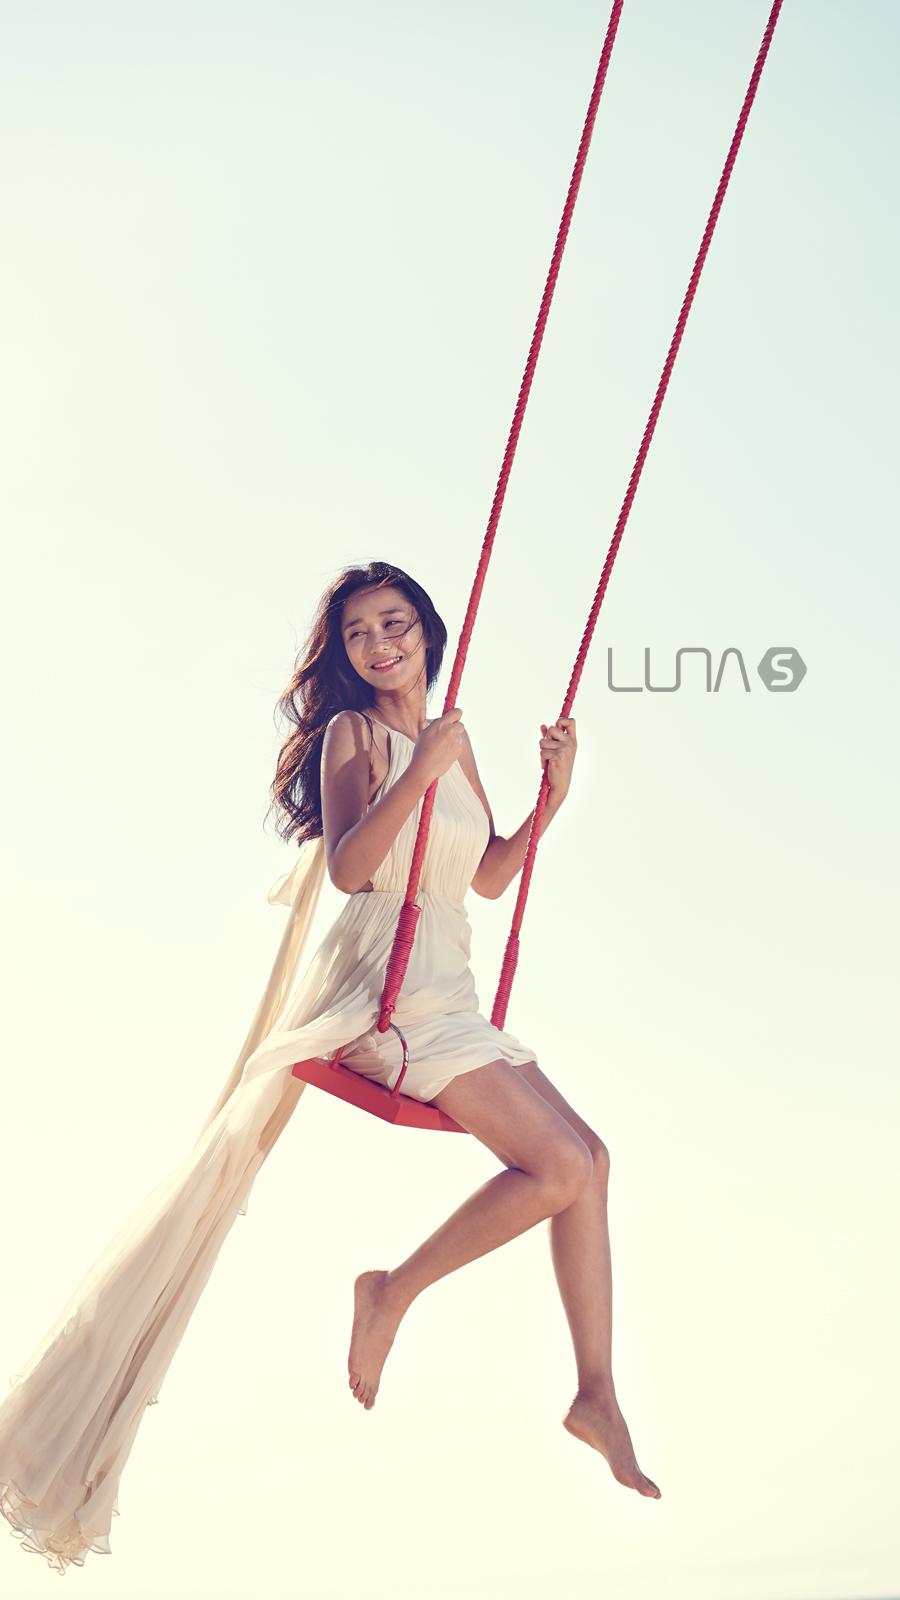 LUNA-S_wall_3